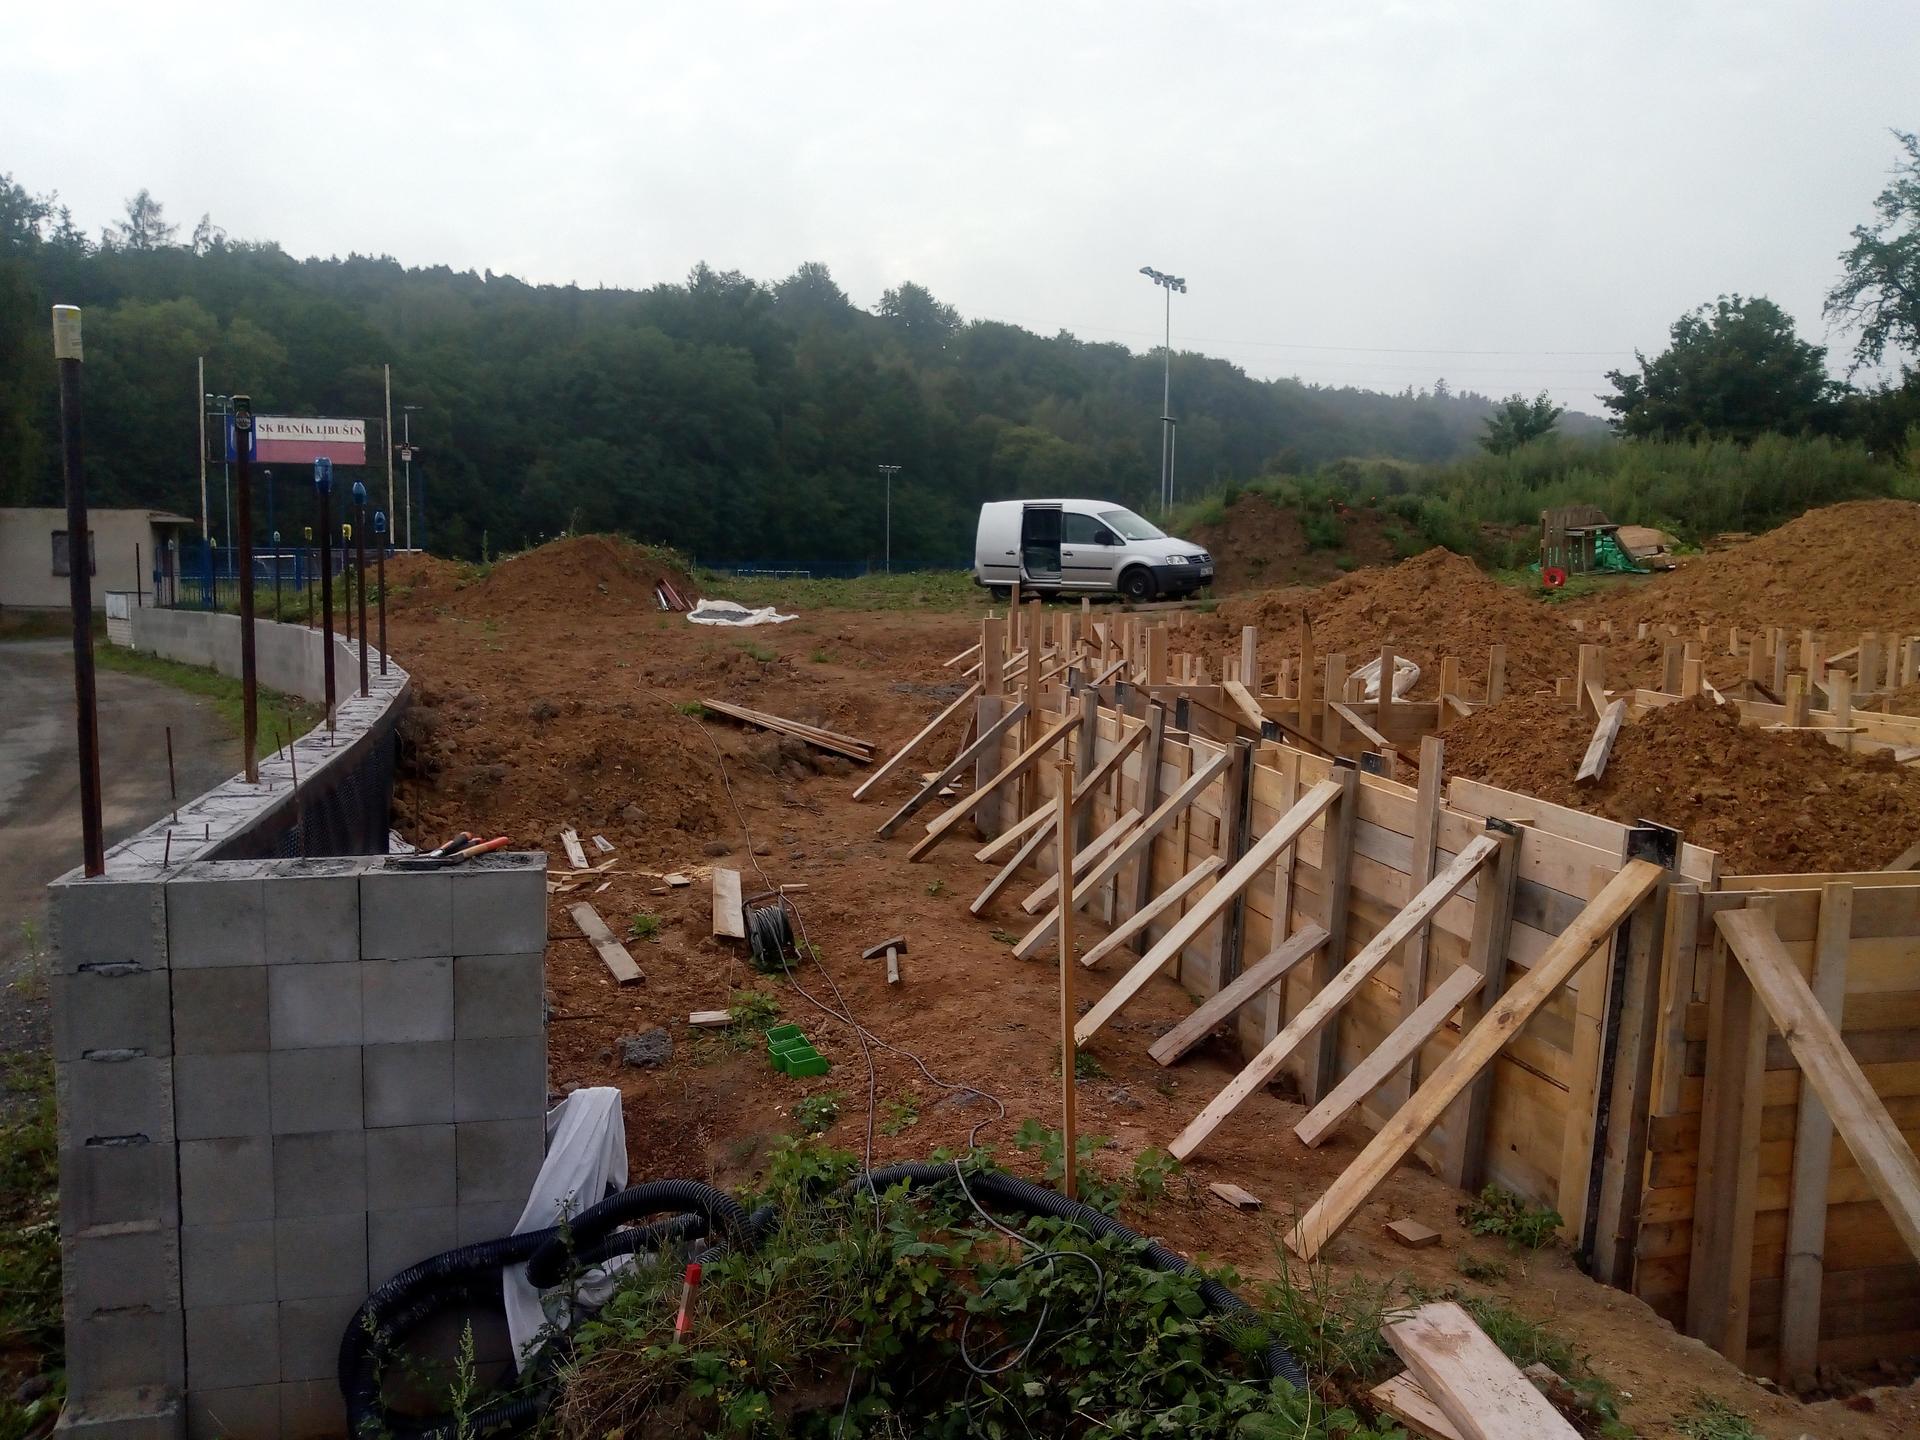 Příprava pozemku, bednění, základy, opěrka, bouda, plot - Obrázek č. 3